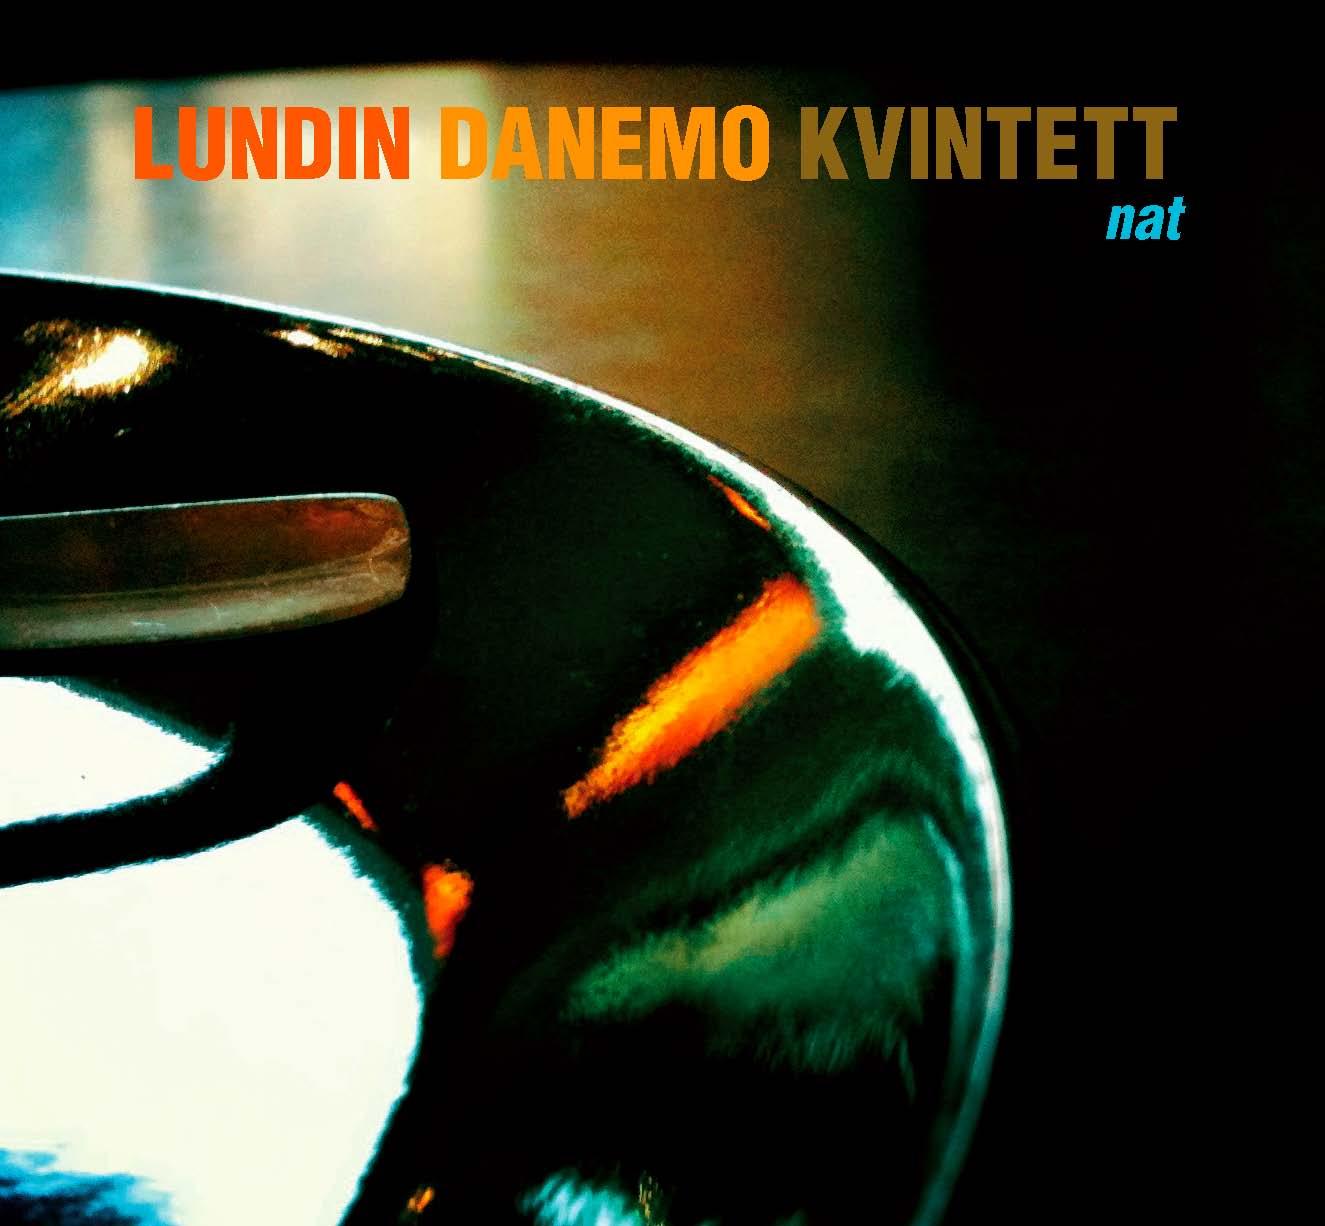 Lundin Danemo Kvintett: Nat